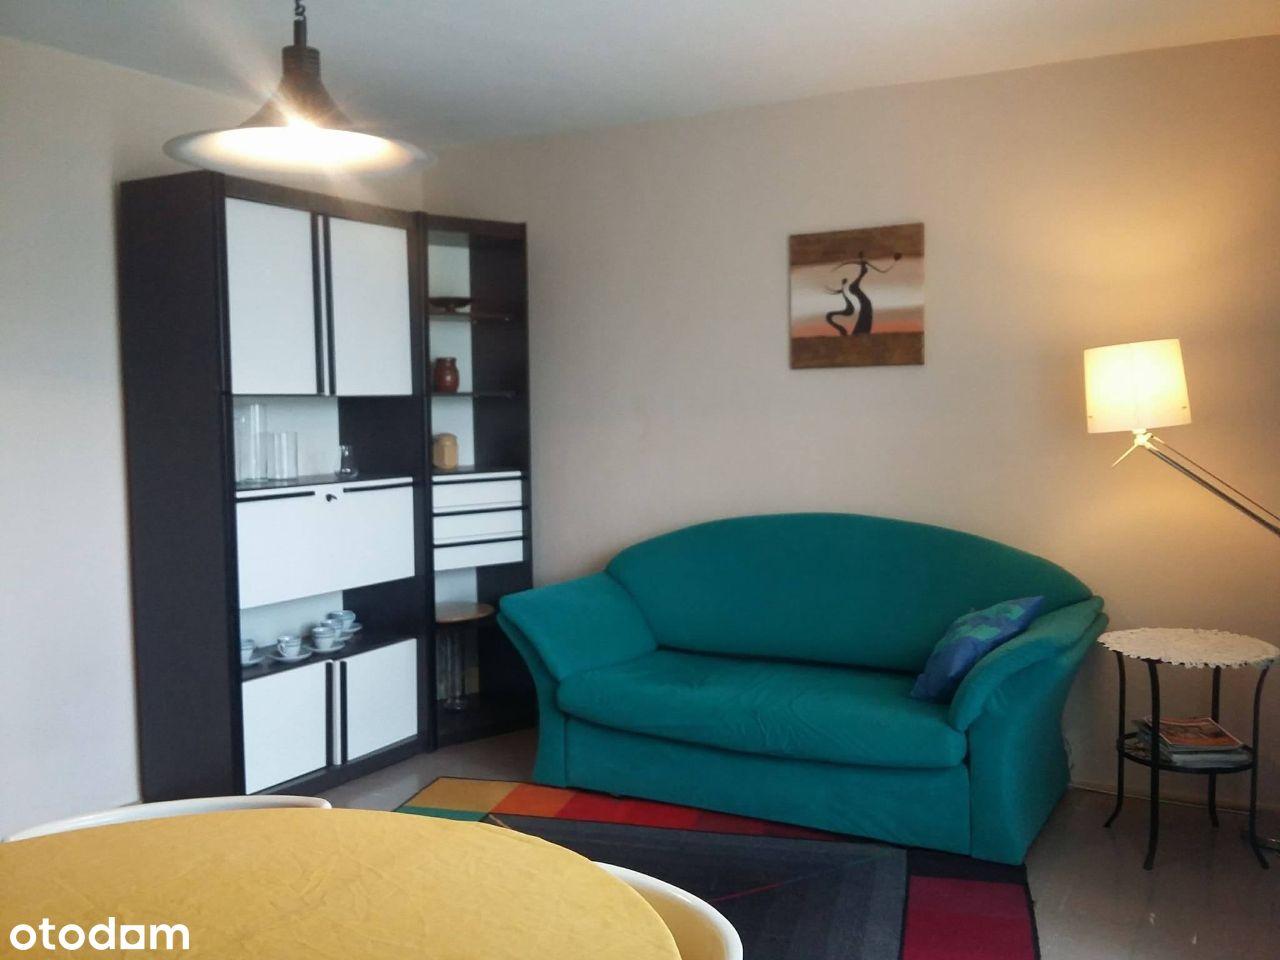 4 pokoje, 83 m2, ogródek, Tarchomin, bezpośrednio